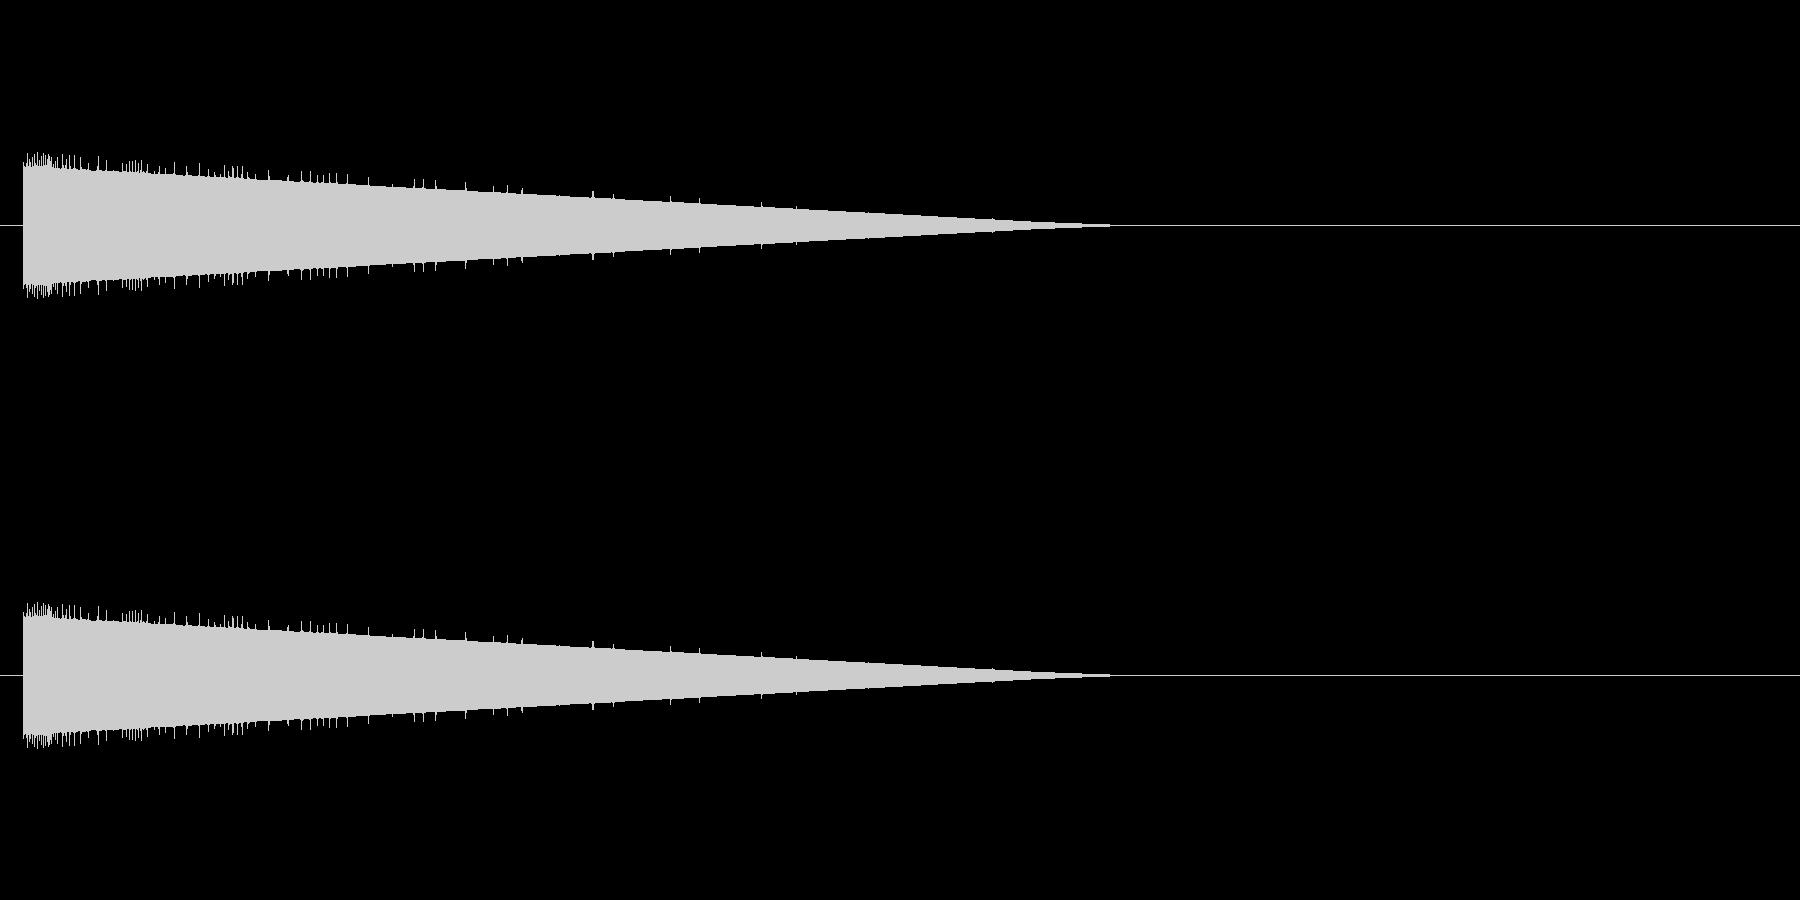 レトロゲーム風爆発音3の未再生の波形